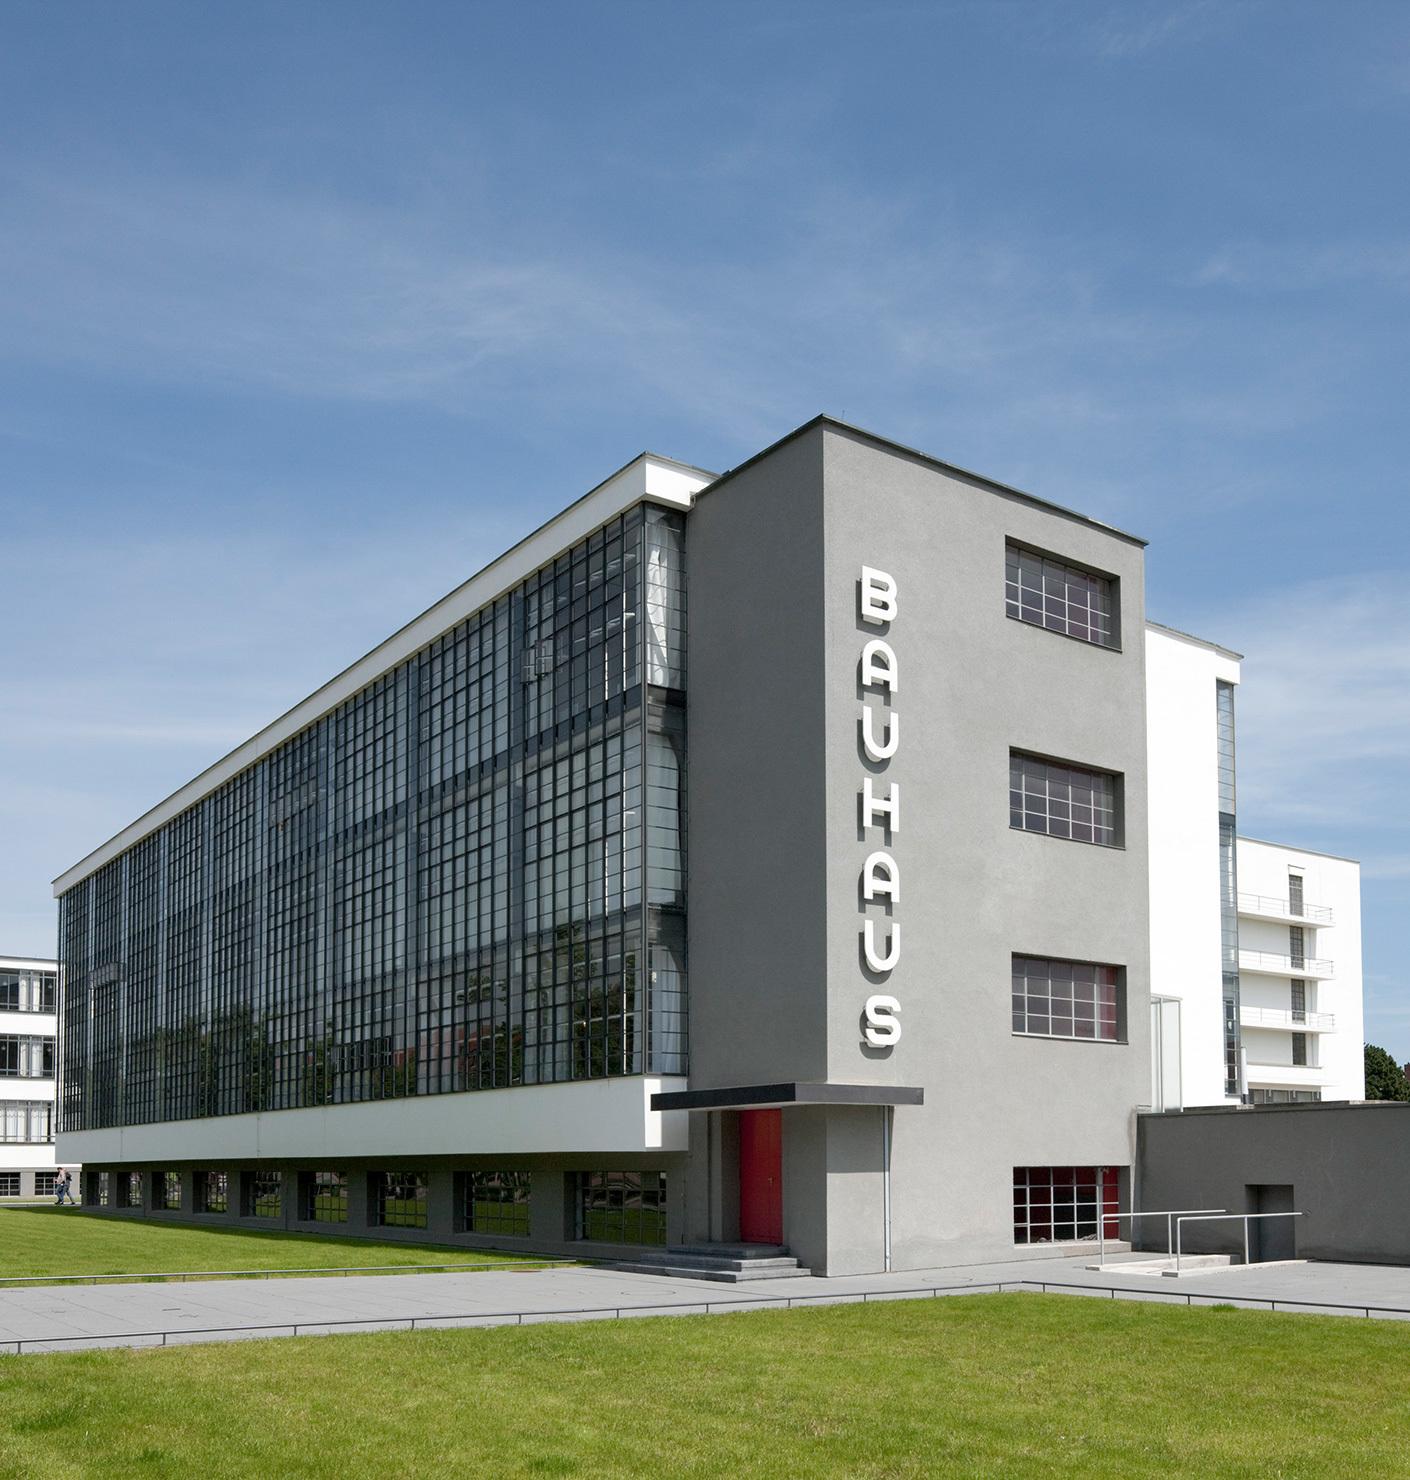 Full Size of Heizkörper Bauhaus Dessau Ein Besuch Zum Jubilumsjahr Stylepark Badezimmer Bad Wohnzimmer Für Fenster Elektroheizkörper Wohnzimmer Heizkörper Bauhaus